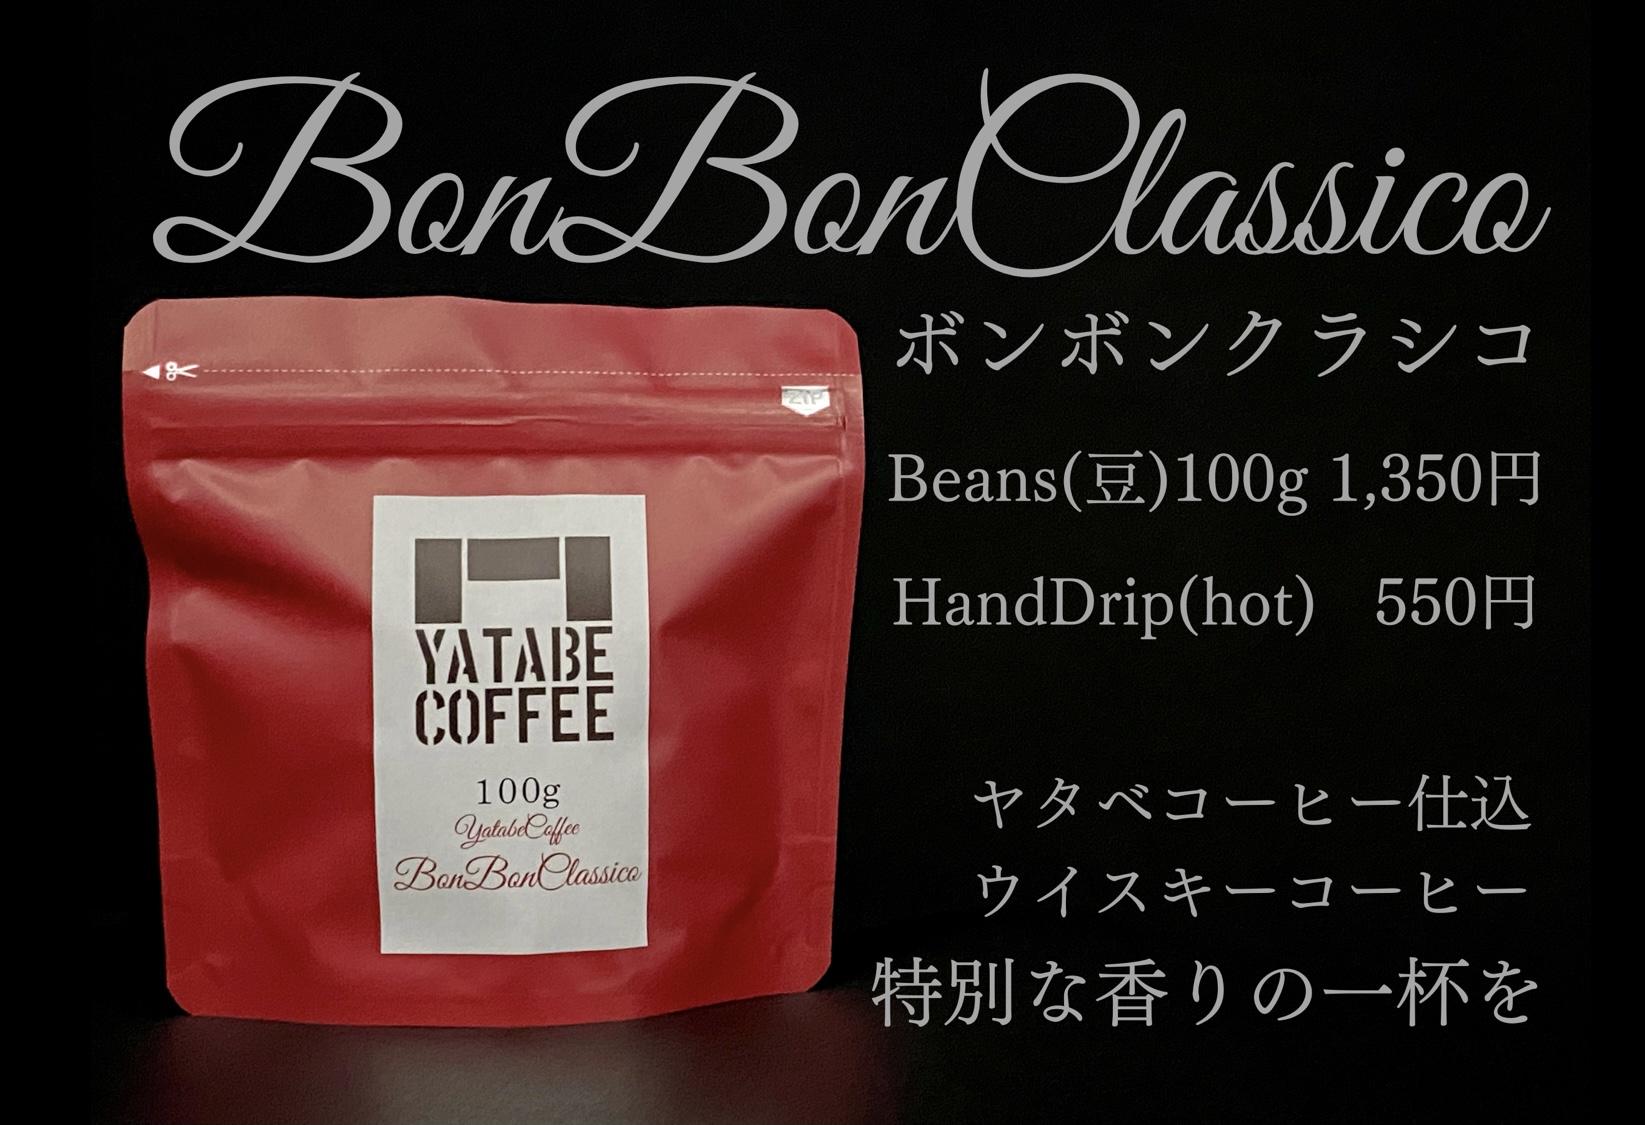 BonBonClassico(ボンボンクラシコ)新発売